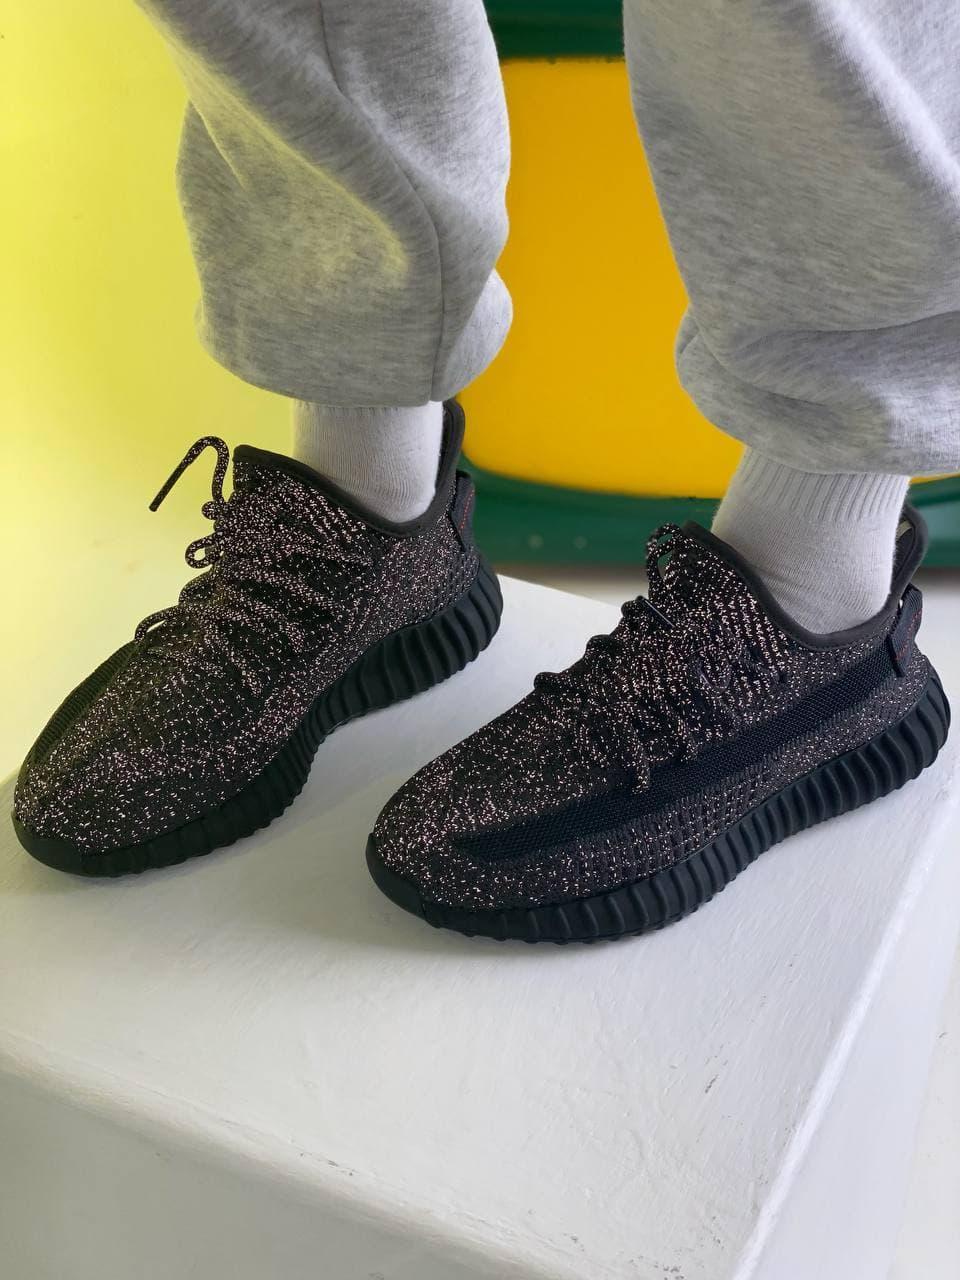 Чоловічі кросівки в стилі Adidas Yeezy boost 350 V2 (black), Рефлективні Адідас ізі буст 350 (Репліка ААА)